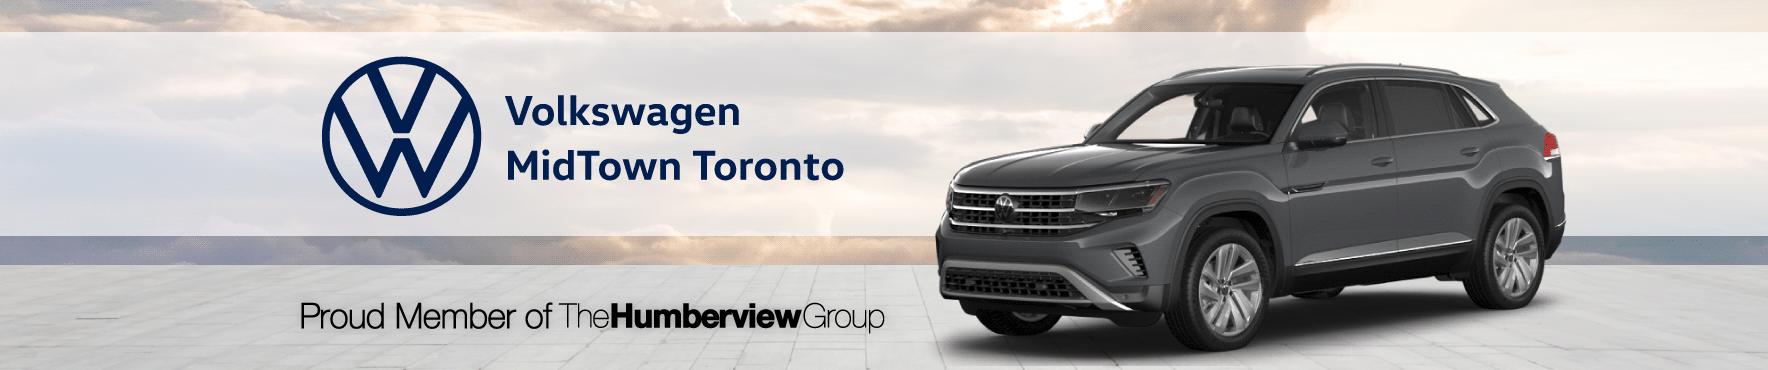 About Us - Volkswagen MidTown Toronto